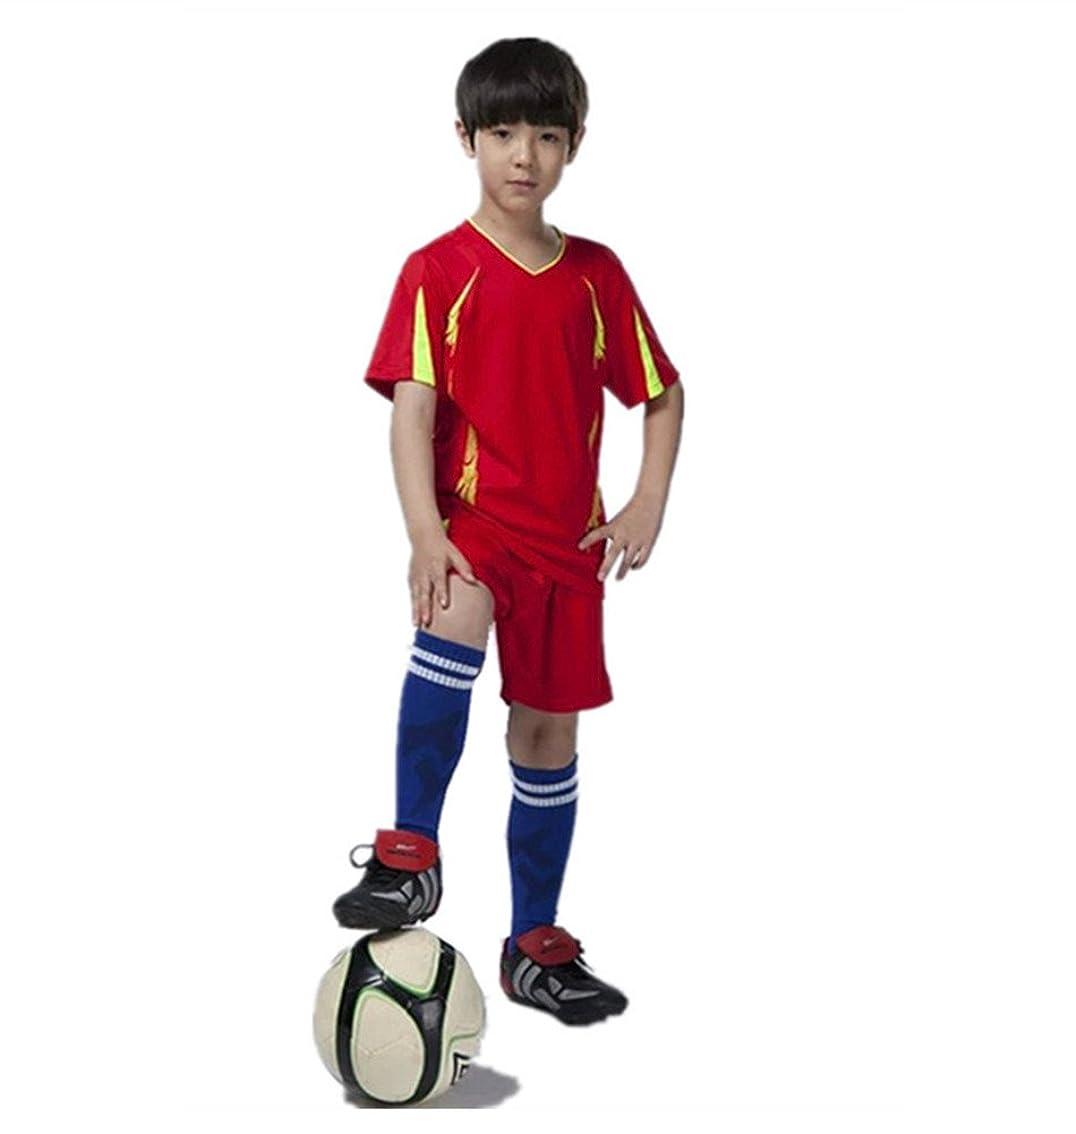 特許局ベリーQD-WST ジュニアサッカーウェア 子供トレーニング 上下セット サッカーソックス1足付き 収納バッグ付き 半袖シャツ ハーフパンツ